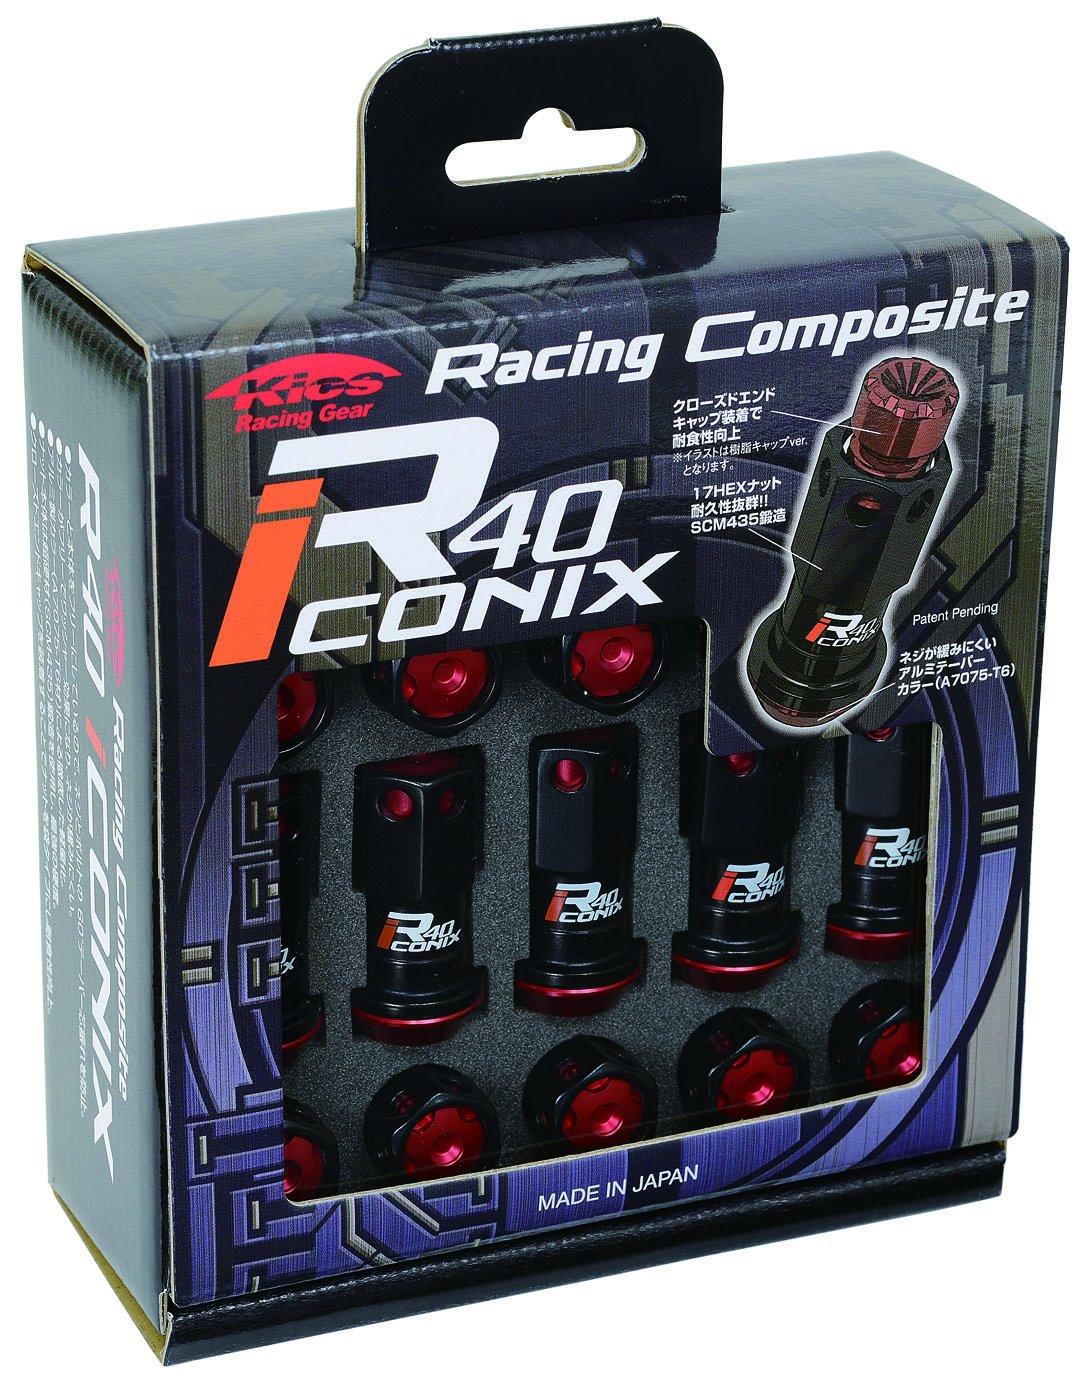 KYO-EI (協永産業) ホイールロックナット Racing Composite R40 iCONIX 【 M12 x P1.25 】 アルミキャップ付 【 ブラック/ブラック 】 RIA-03KK B00OYSL59O ブラック ブラック